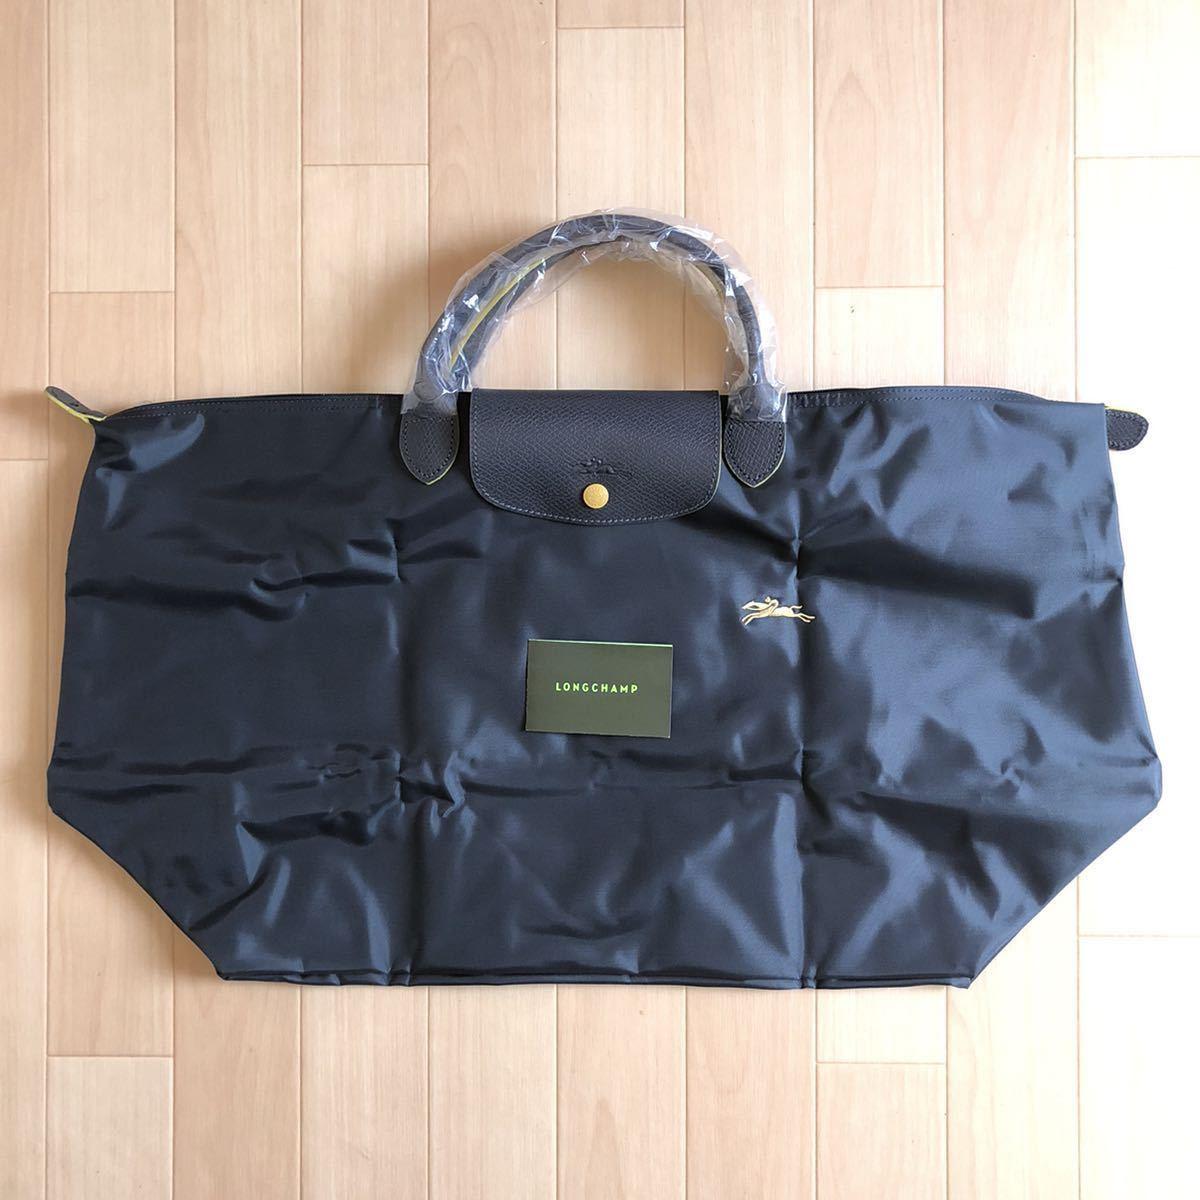 ロンシャン LONGCHAMP ナイロン レディース バッグ 1624 ガンメタル プリアージュ ボストンバッグ トートバッグ 旅行バッグ